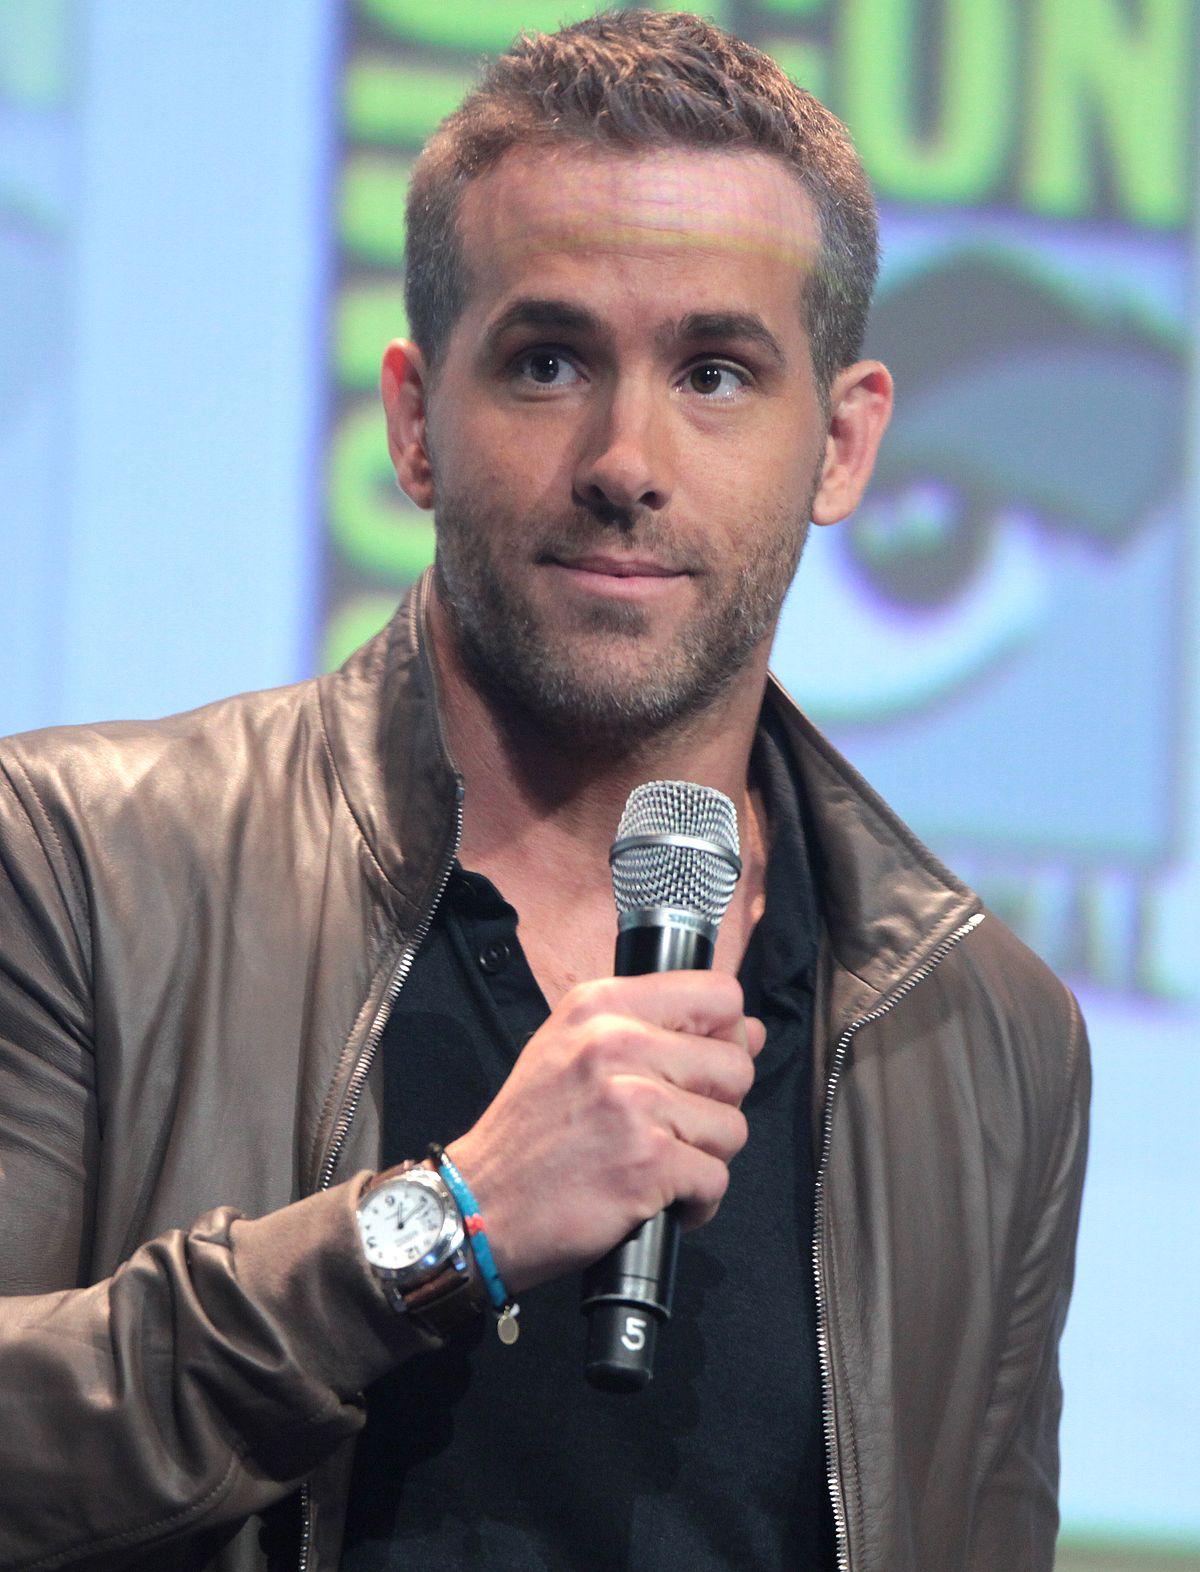 Ryan Reynolds - Wikidata Ryan Reynolds